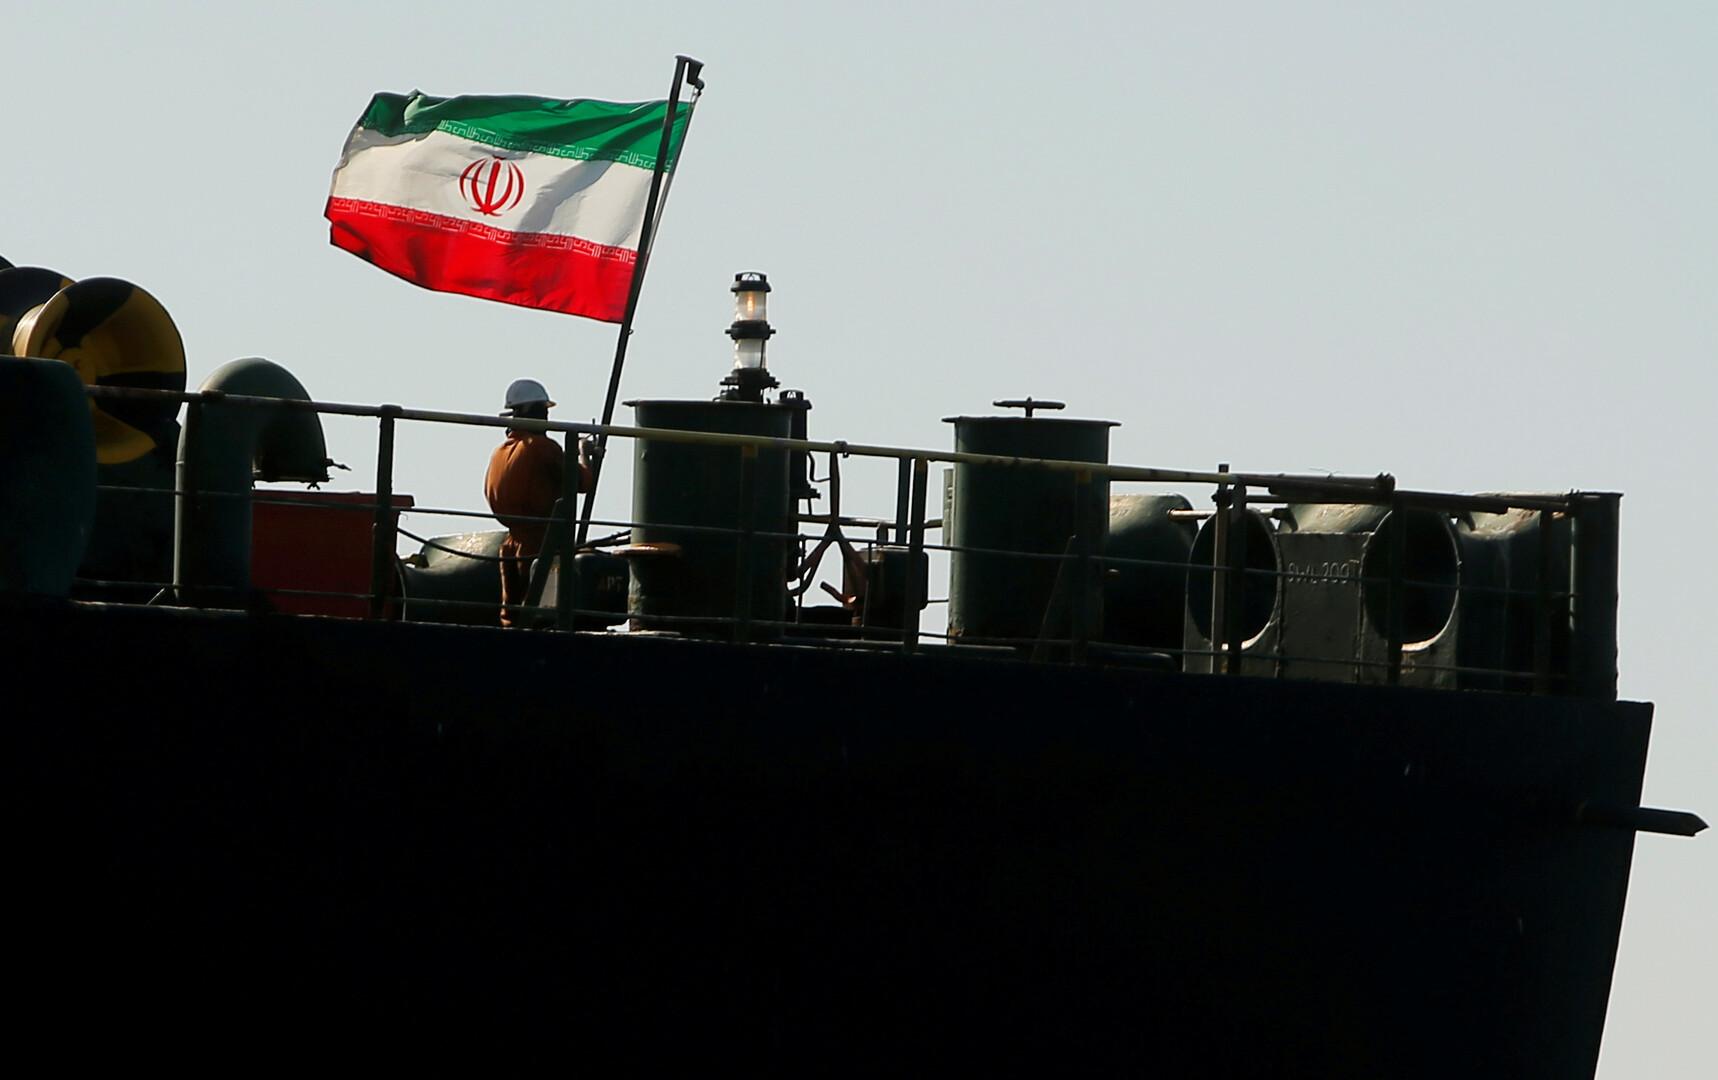 وزير الدفاع الروسي: قد يتم تطبيع الأوضاع في الخليج حال عدم اعتراض الناقلات الإيرانية